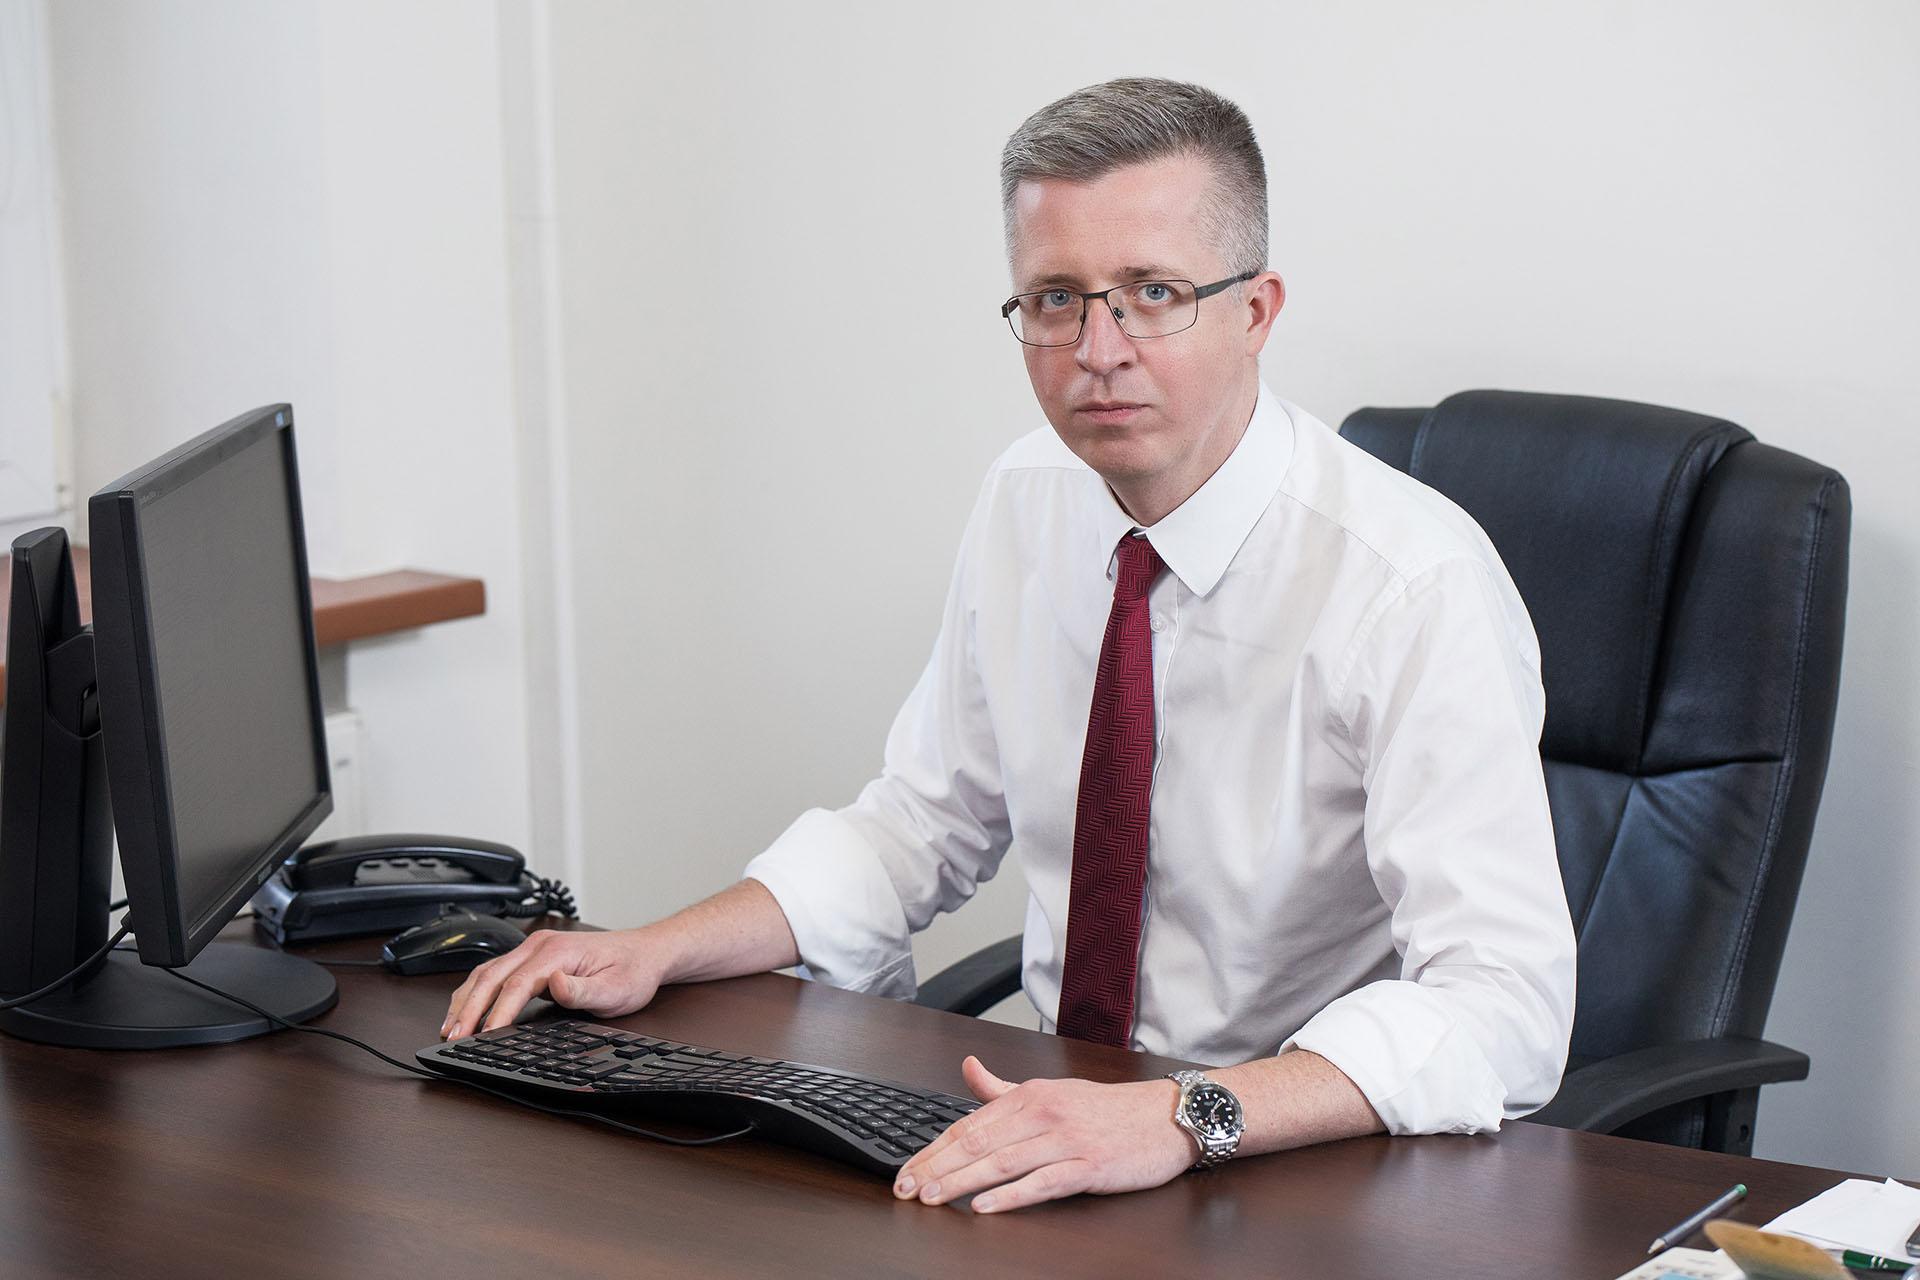 PGS umacnia pozycję na rynku detalicznym i planuje akwizycje